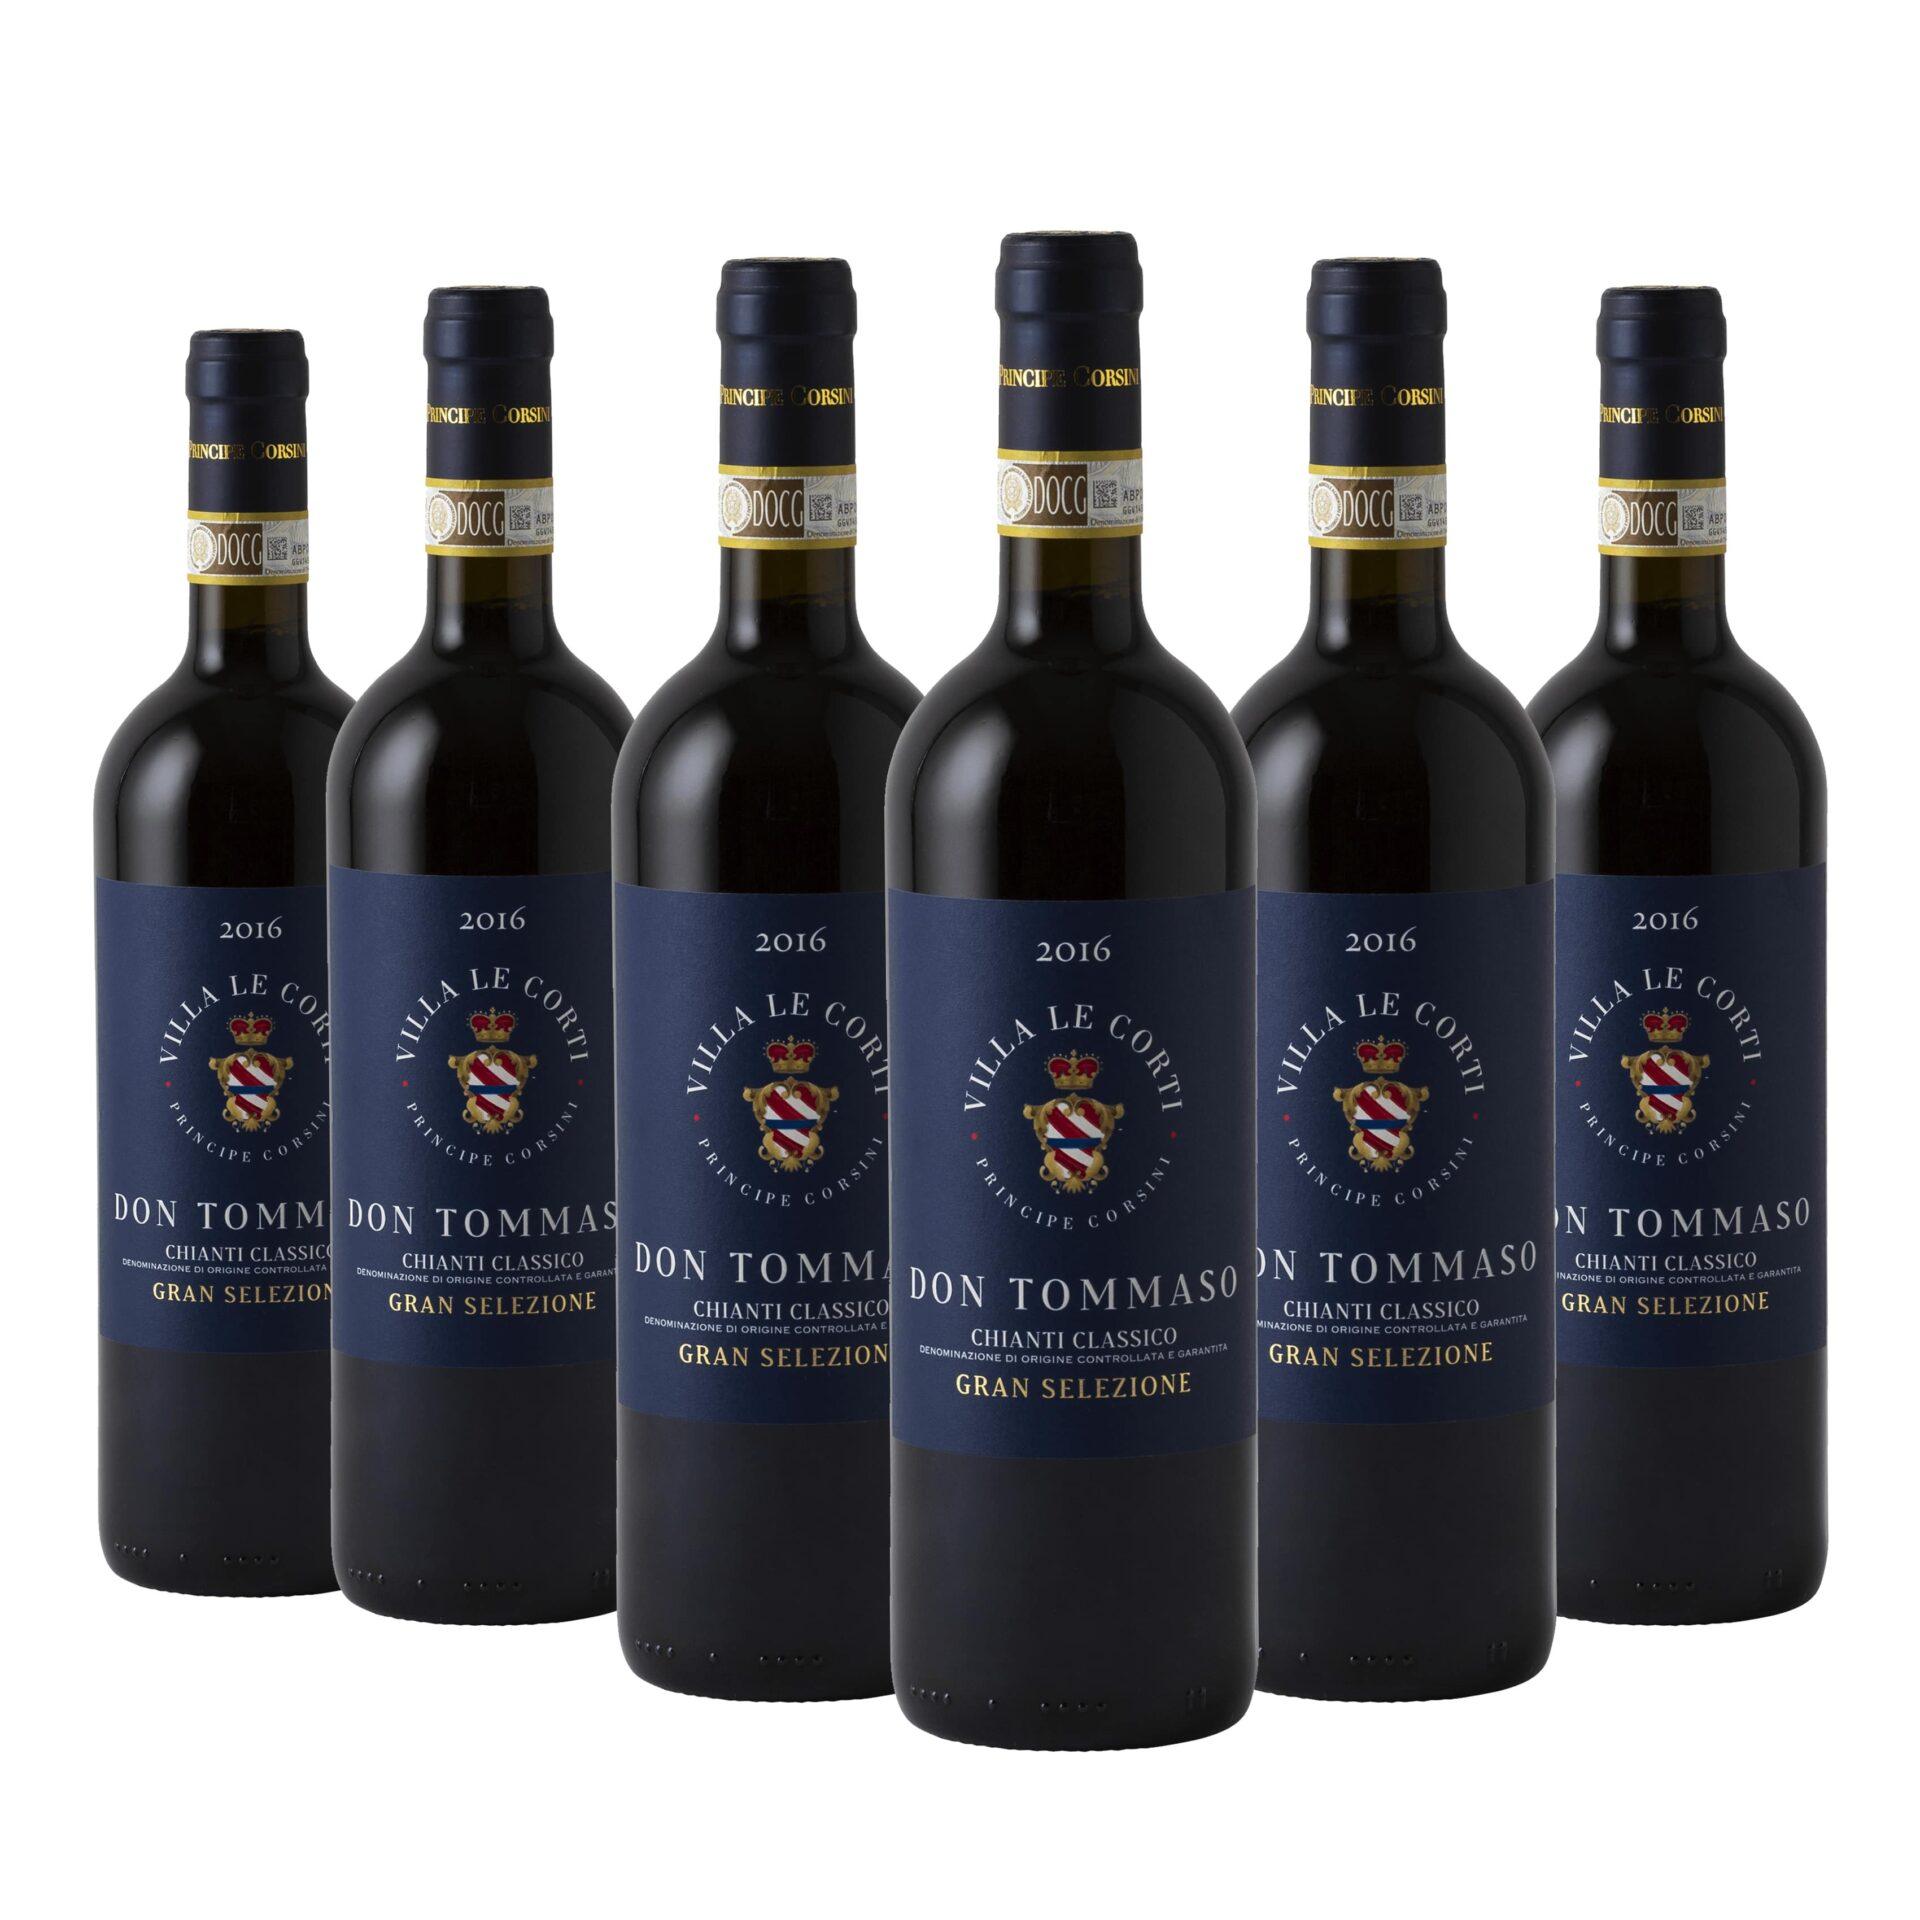 6 x Don Tommaso Chianti Classico Gran Selezione DOCG